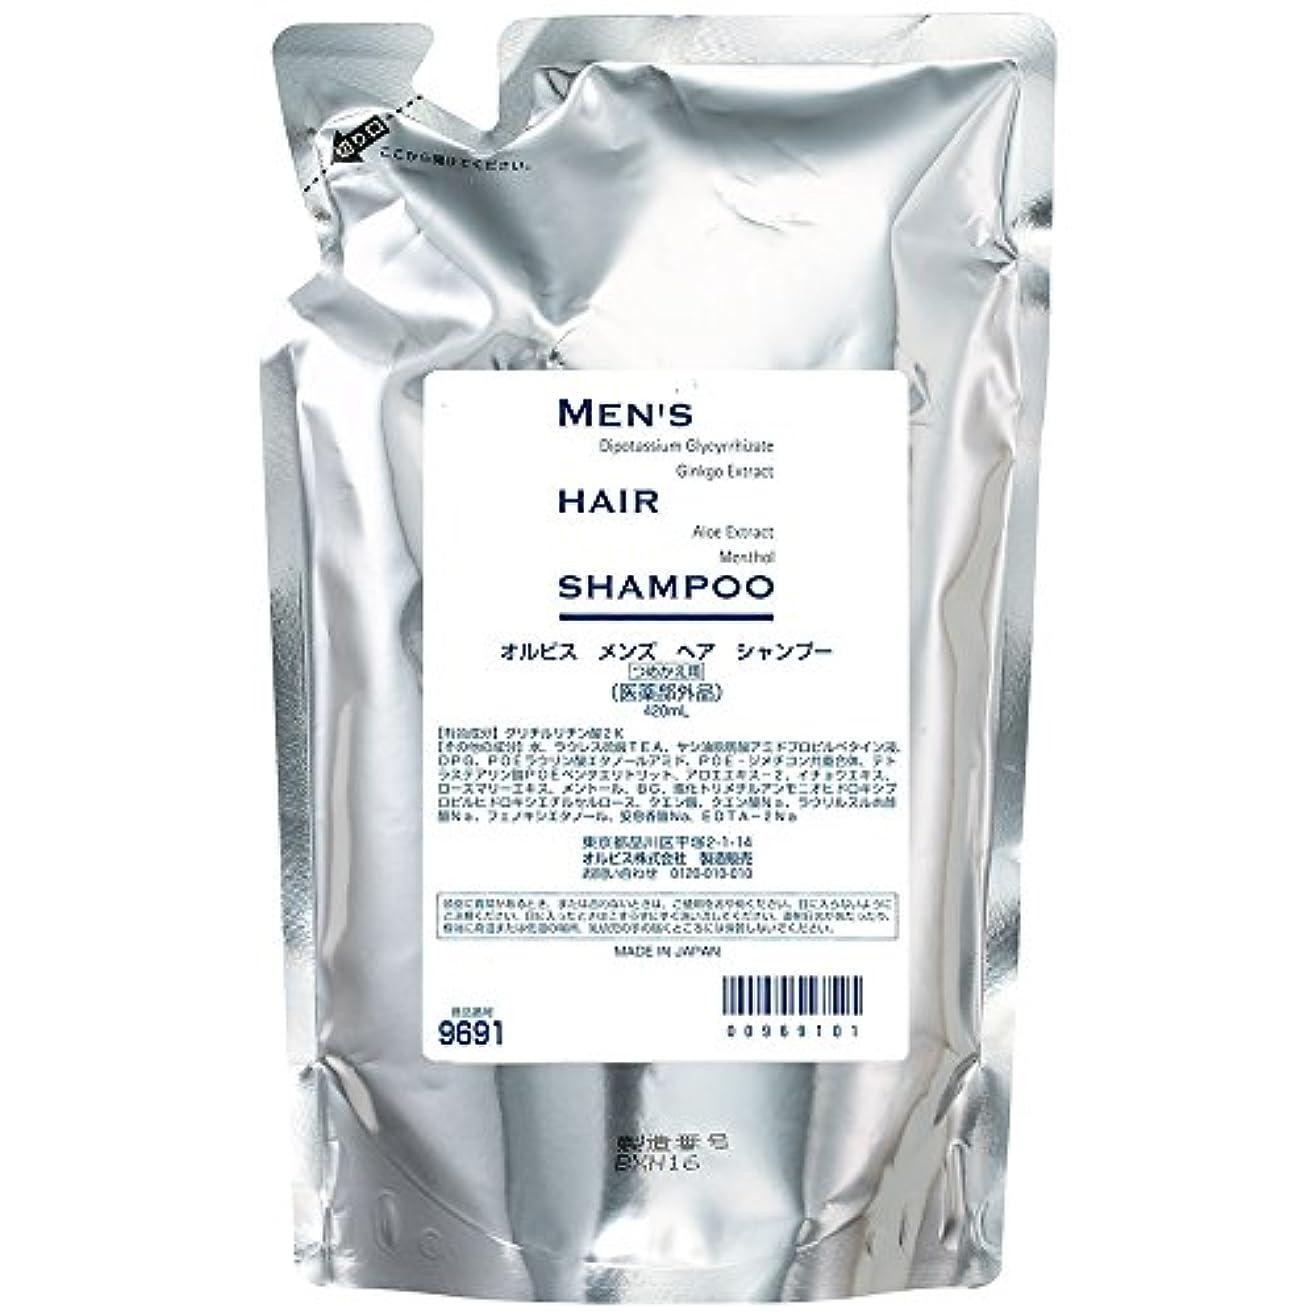 ビーズブラシ休戦オルビス(ORBIS) メンズヘアシャンプー 詰替 420mL ◎男性用薬用シャンプー◎ [医薬部外品]